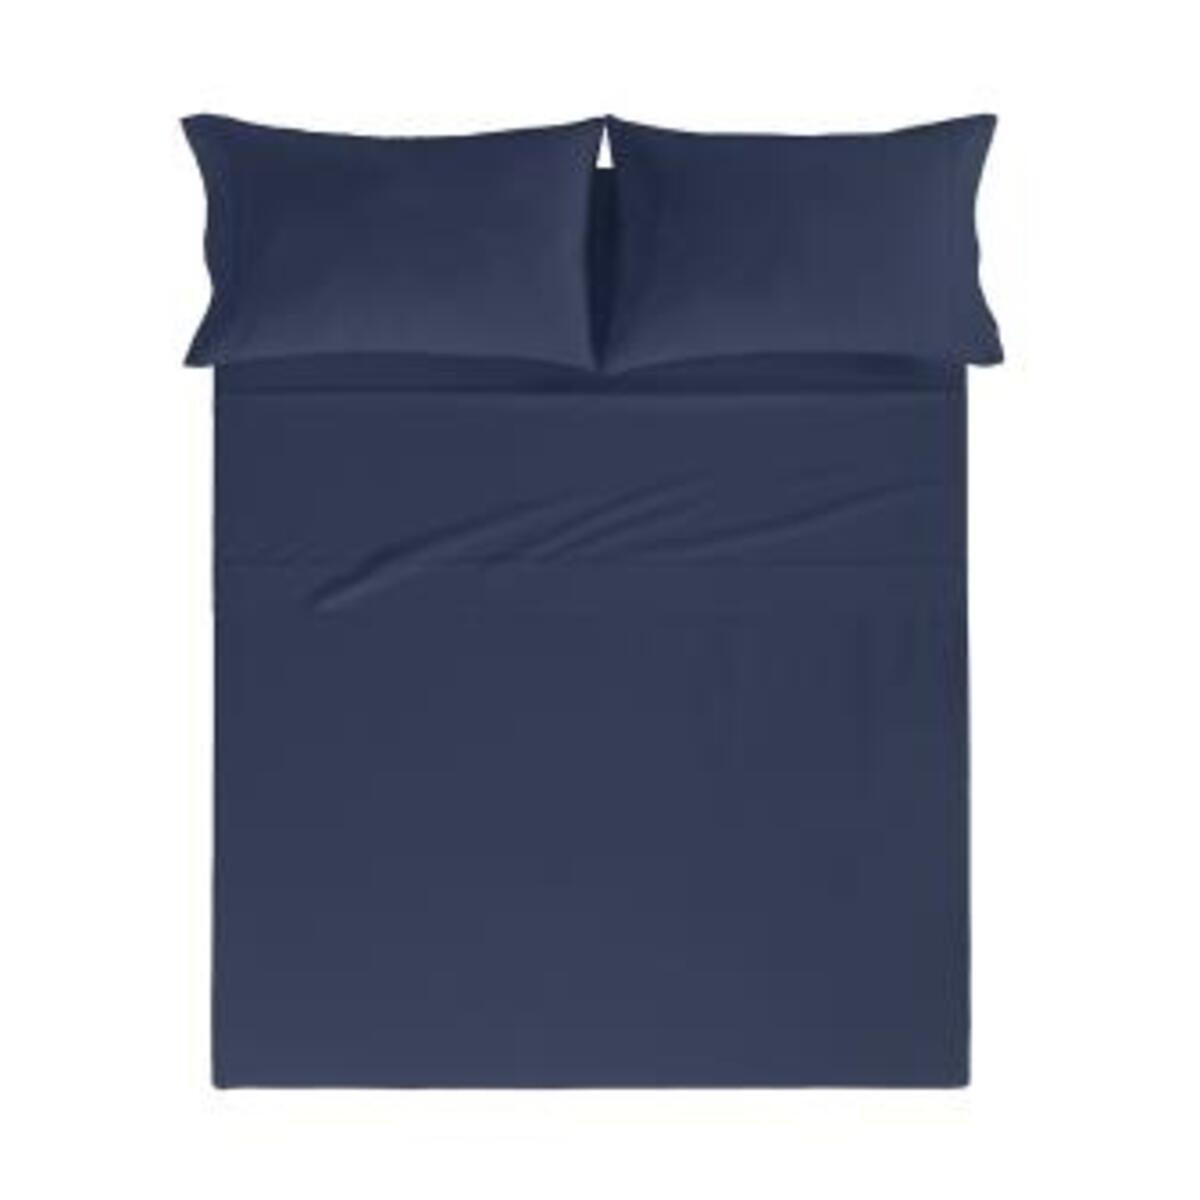 Drap de lit en coton percale marine 250x280